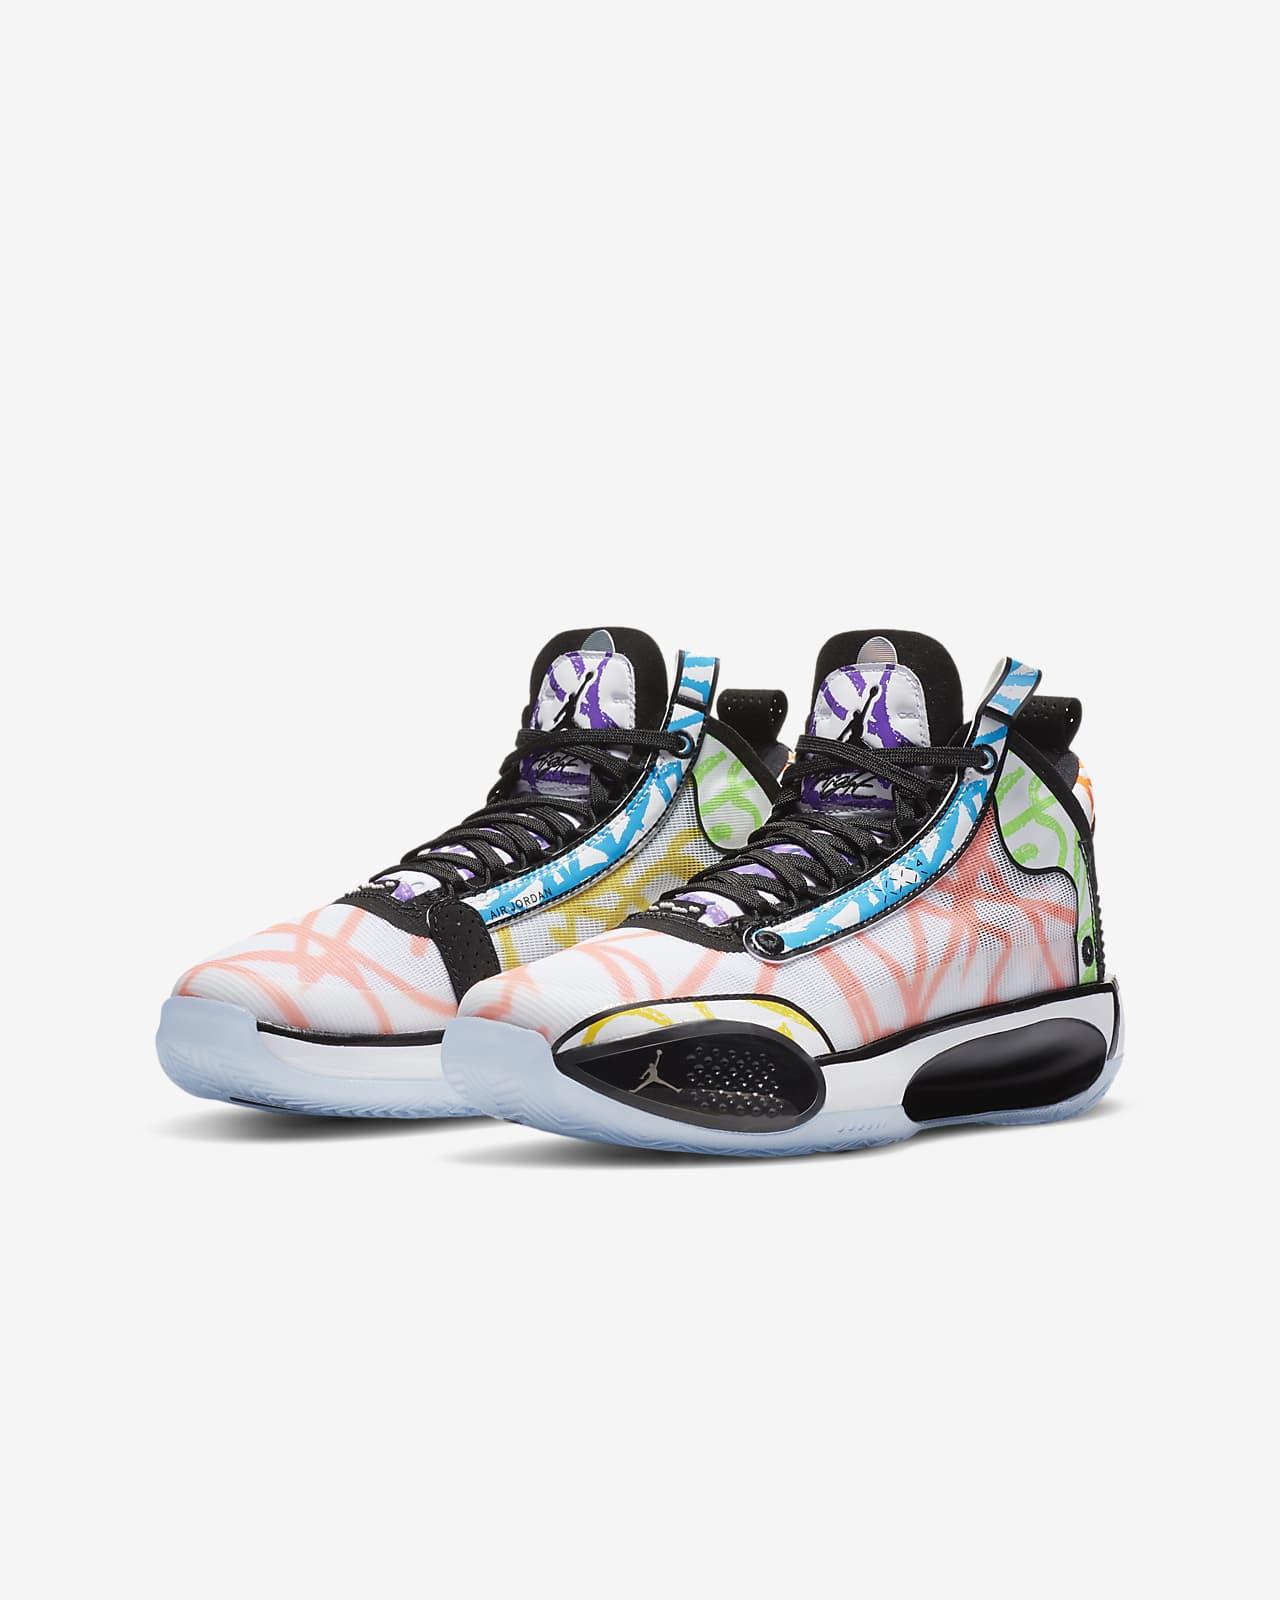 Air Jordan XXXIV Zion PE Big Kids